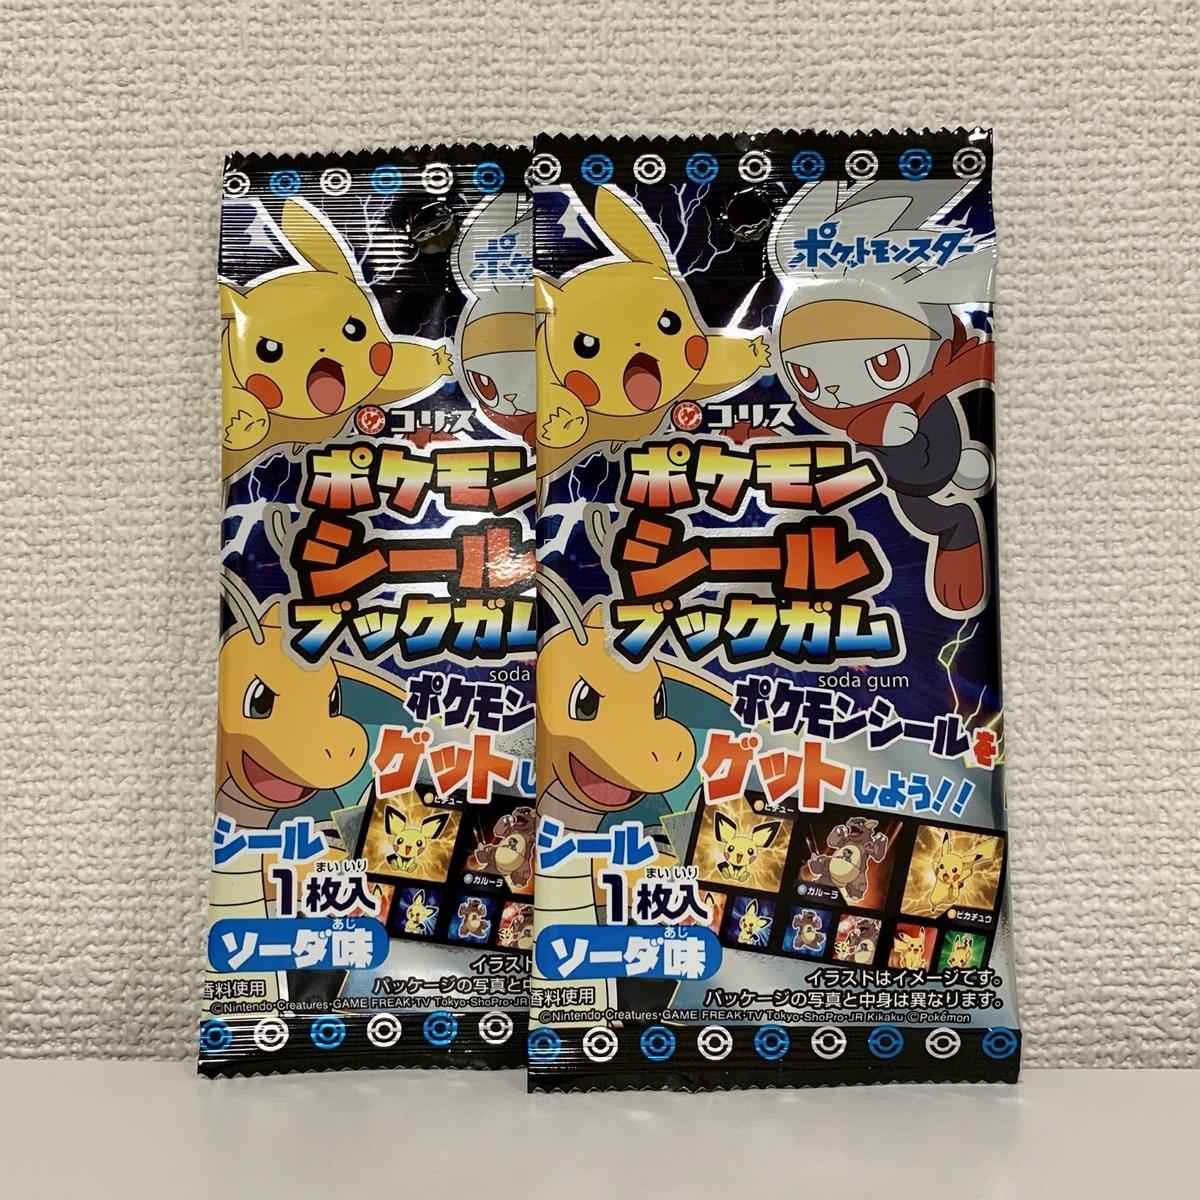 f:id:pikachu_pcn:20200711190811j:plain